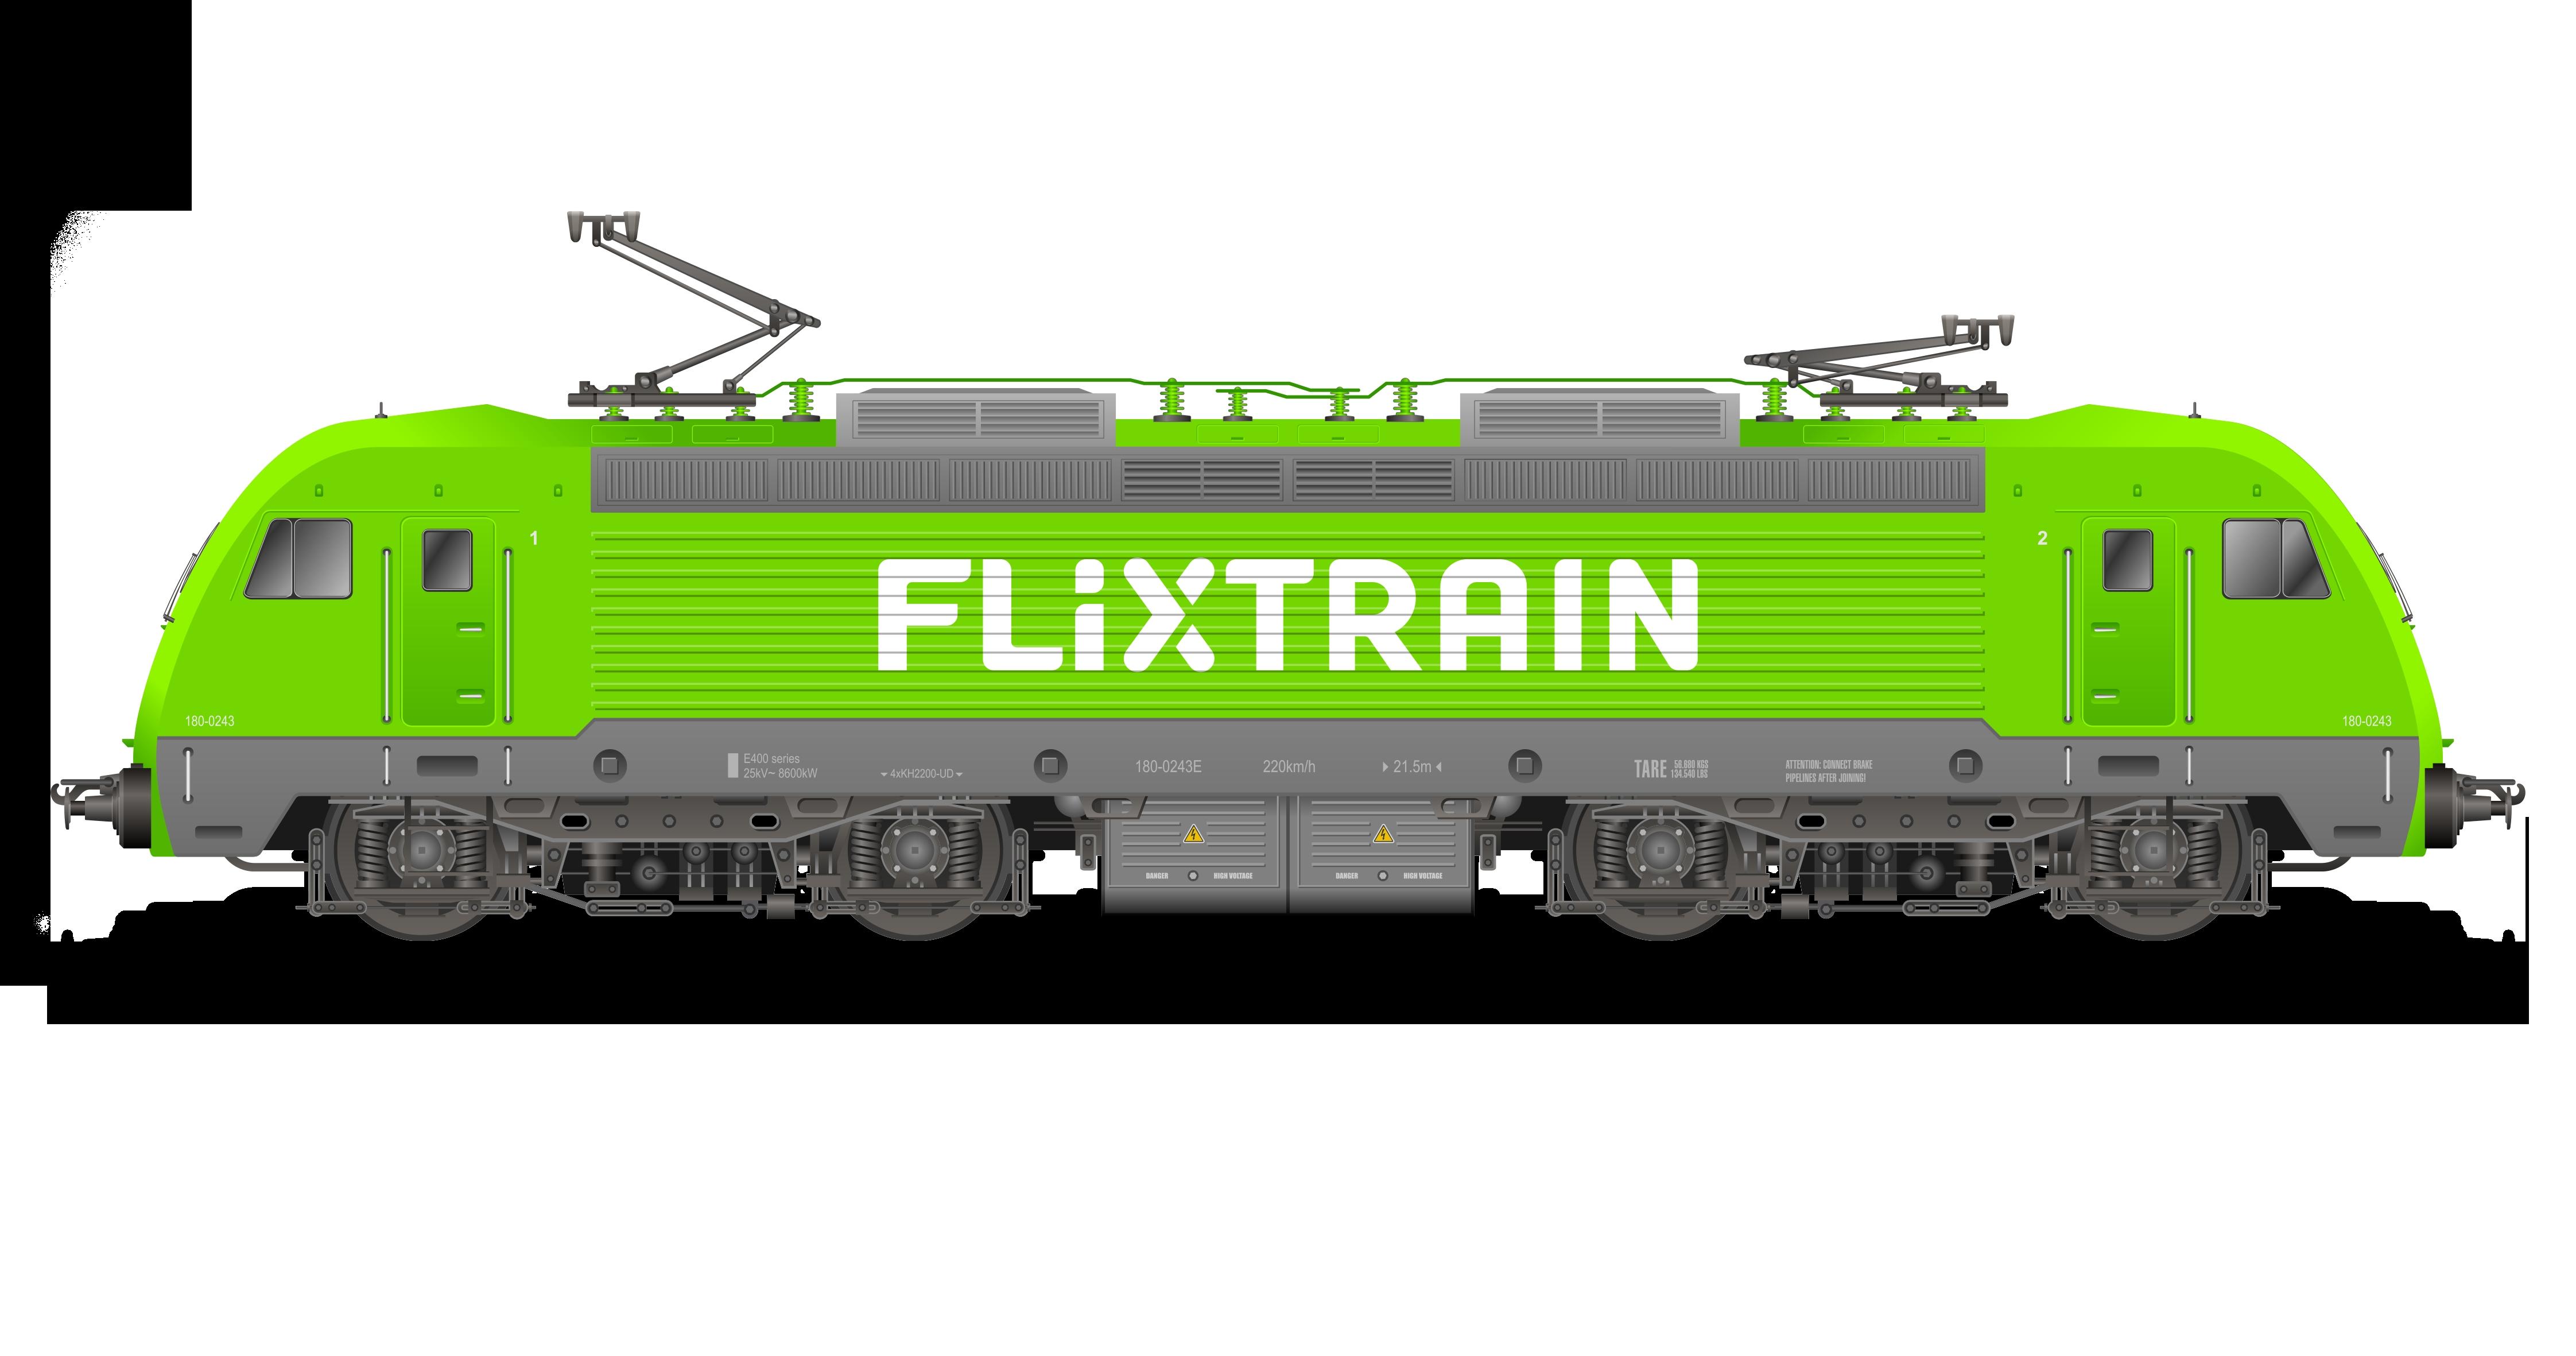 Tyske Flixtrain vil konkurrere med Deutsche Bahn. Med udgangen af næste år forventer Flixtrain at tilbyde togtransport til 28 tyske byer.